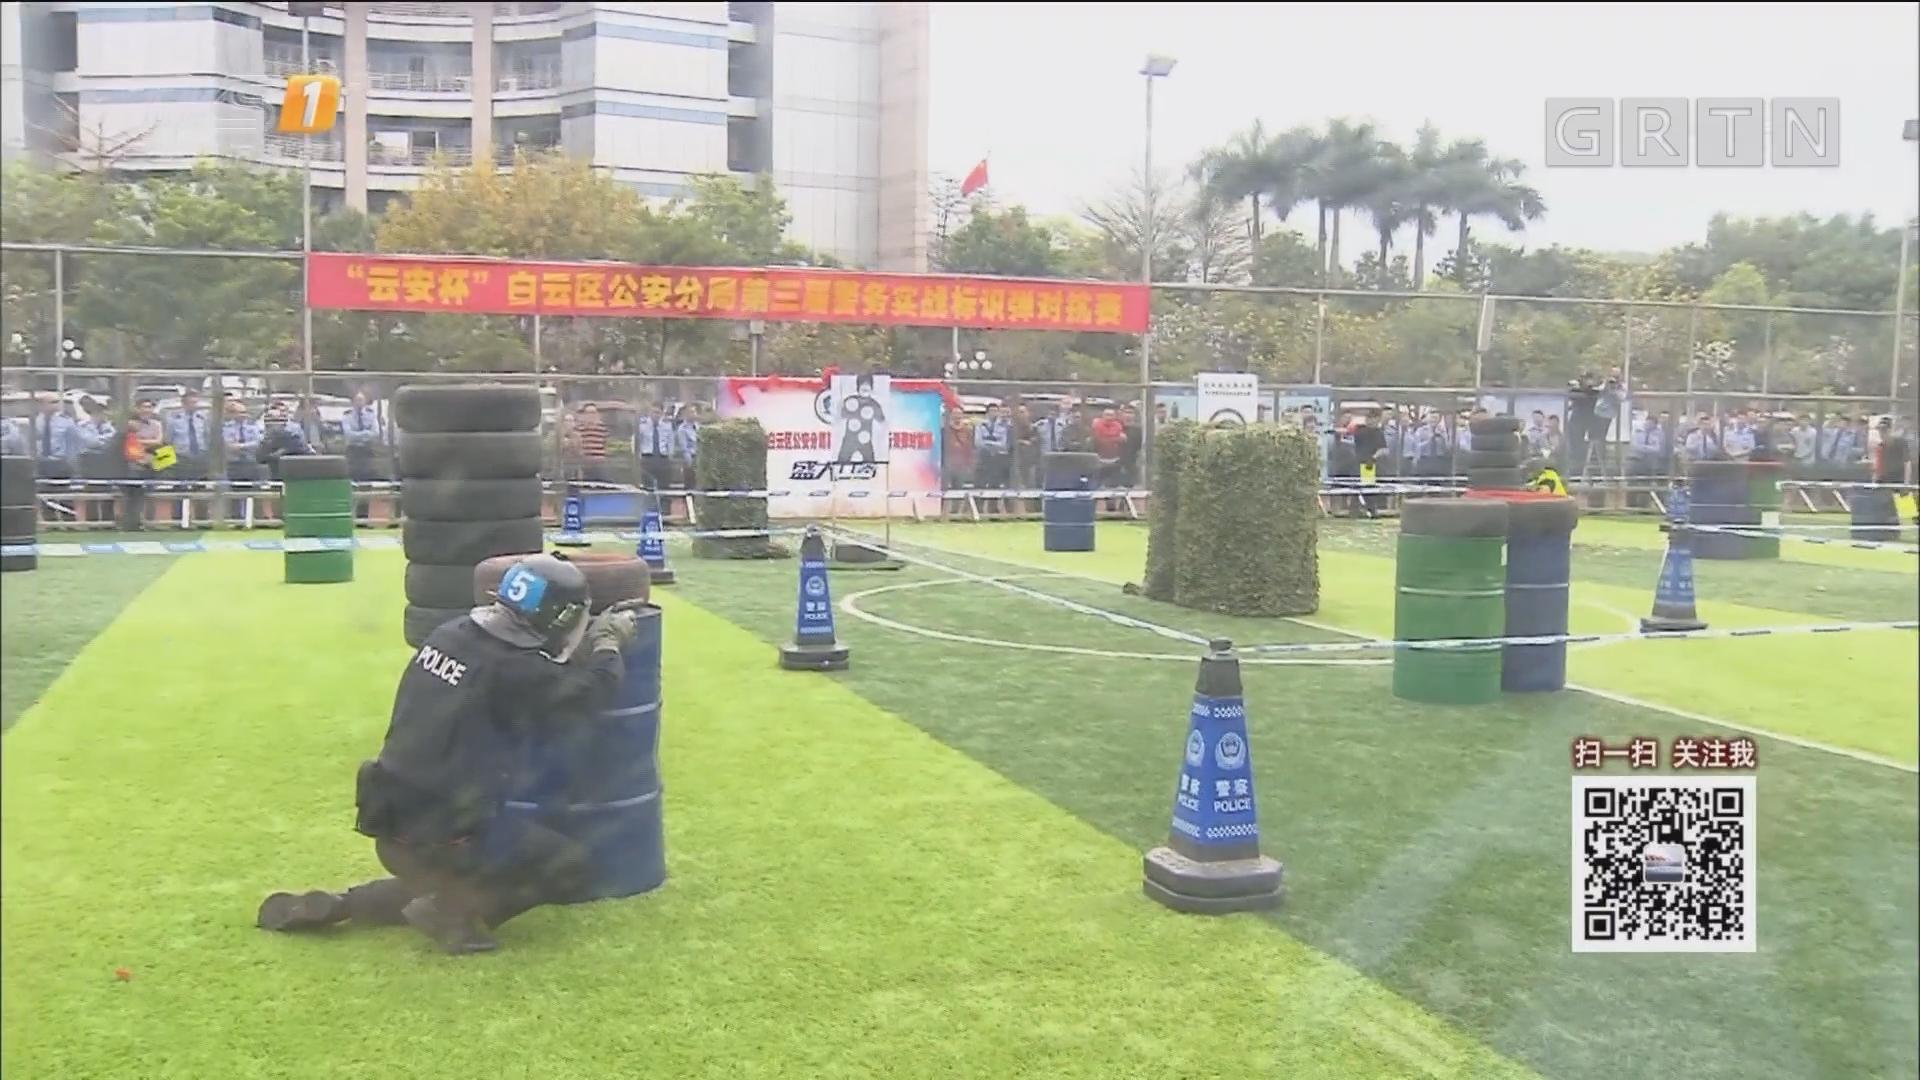 超燃!看广州白云公安标识弹对抗赛